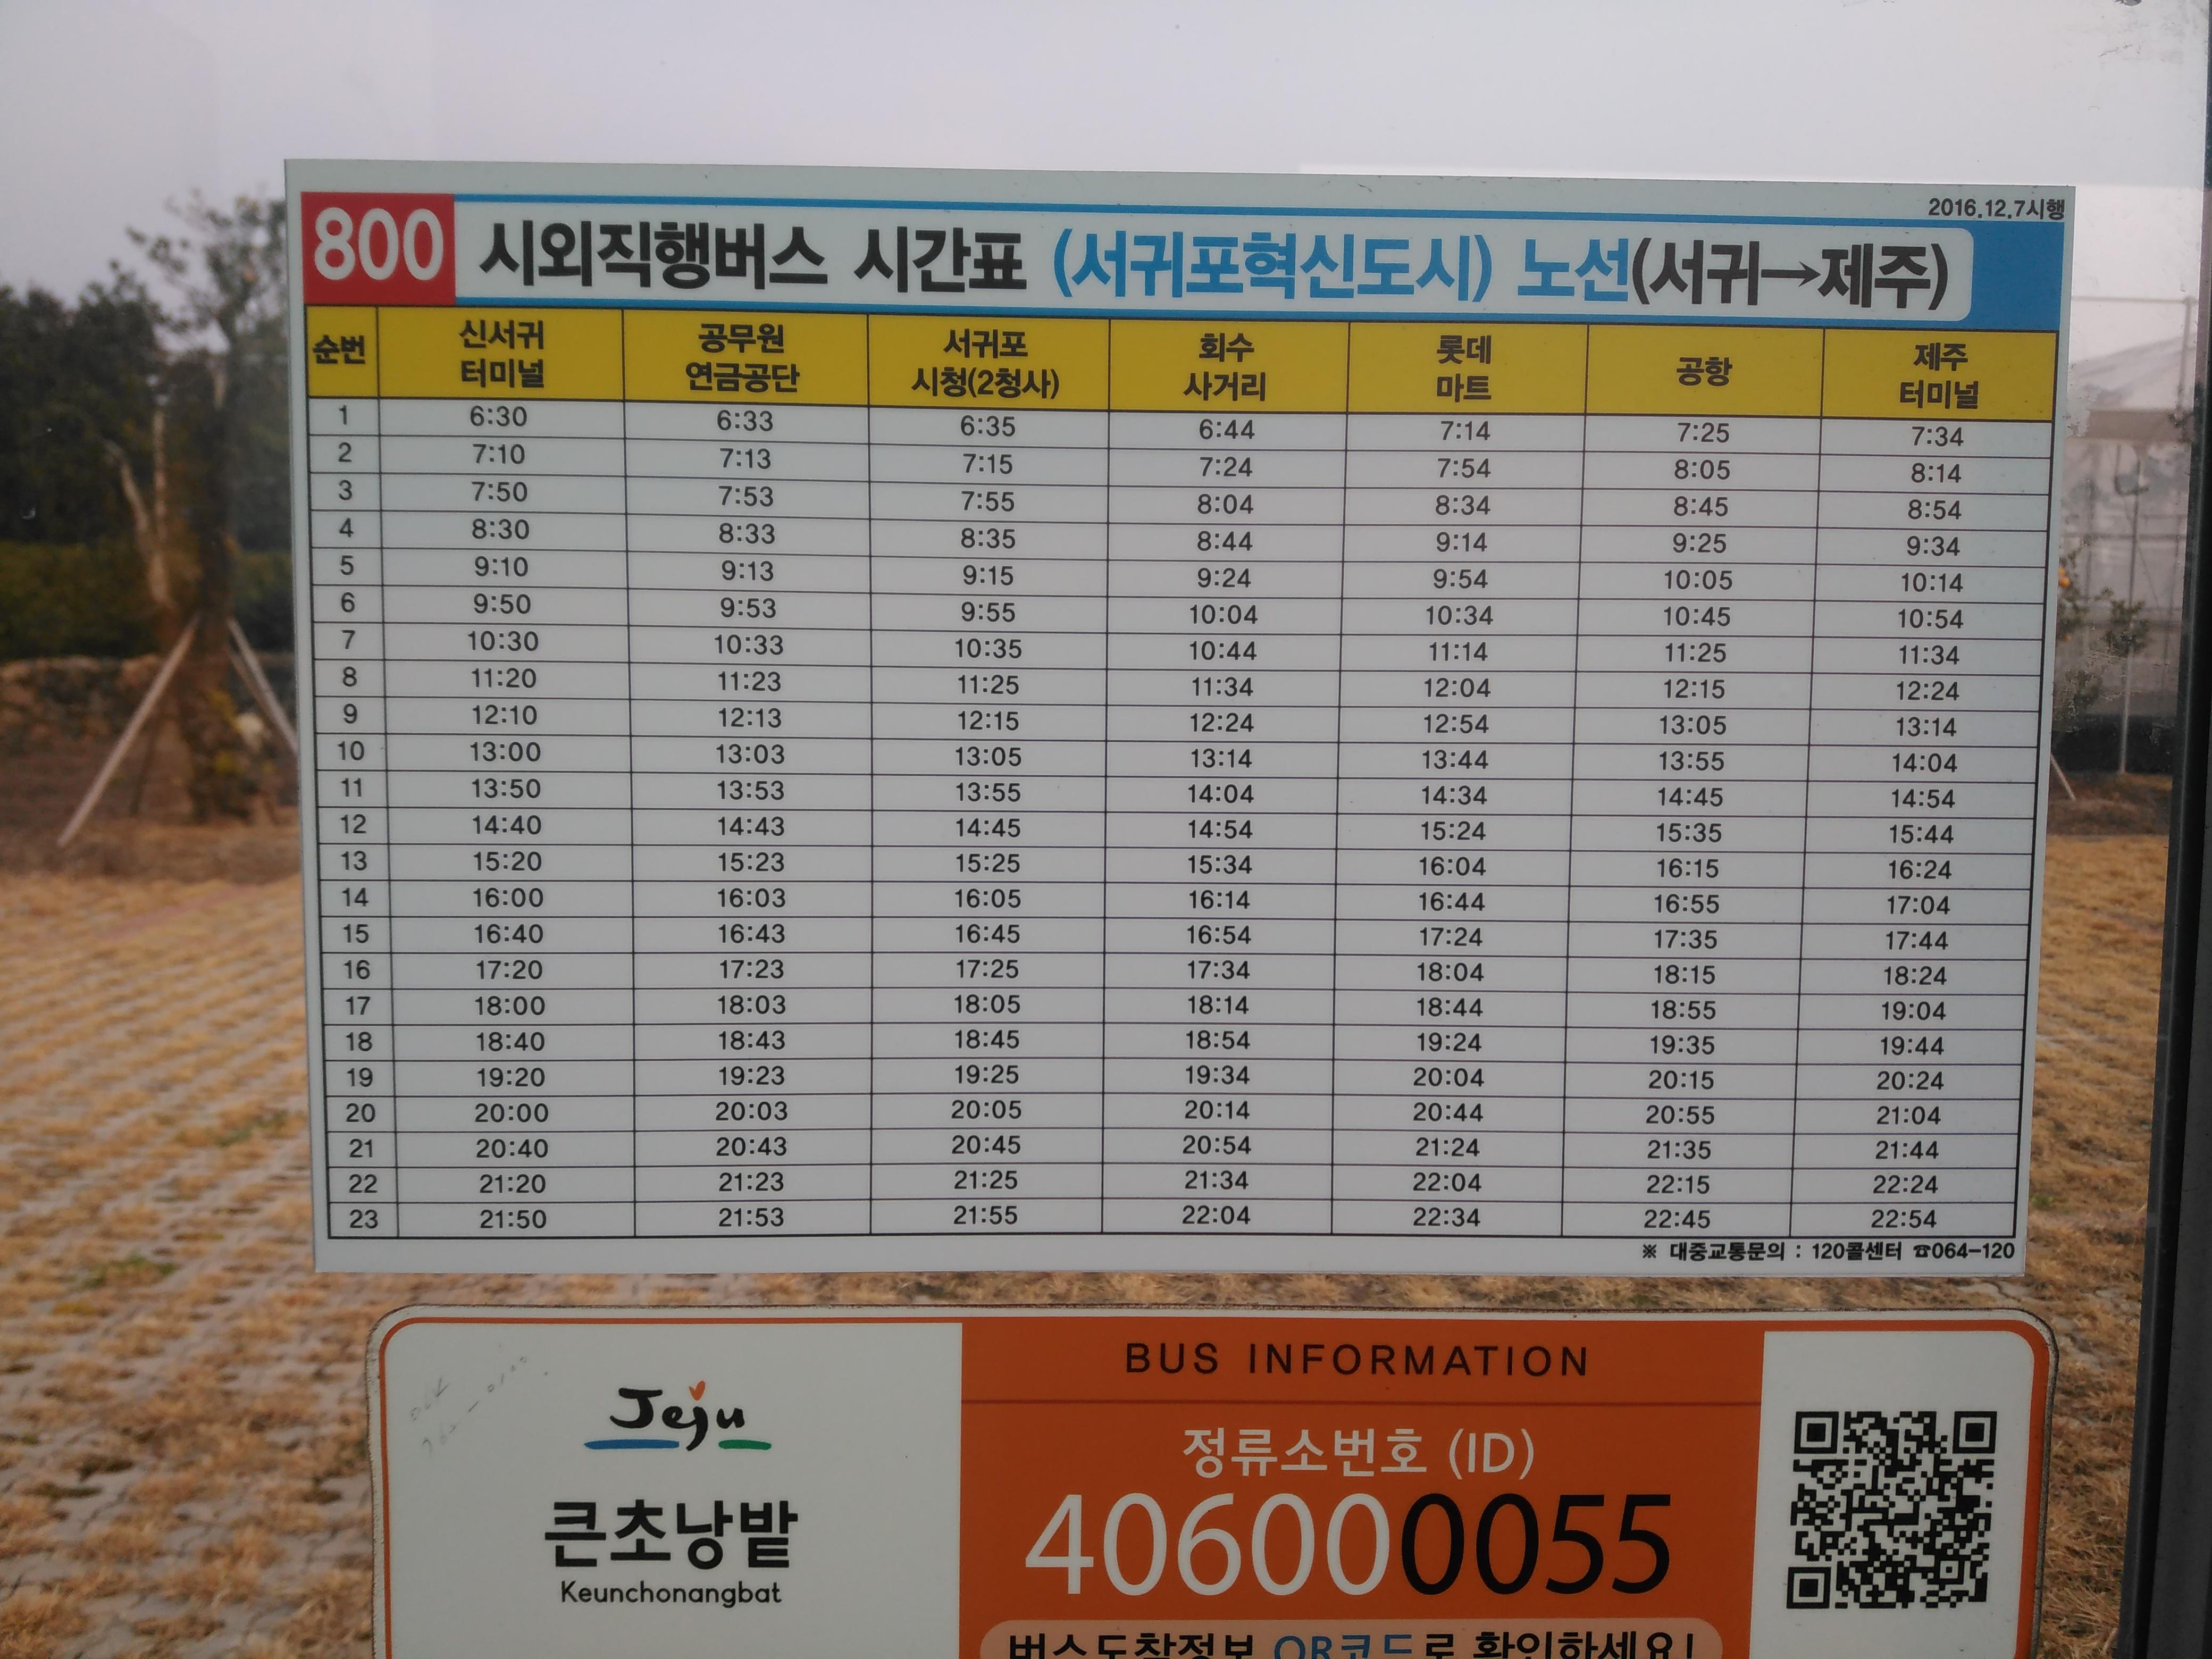 800번 시외직행버스 시간표